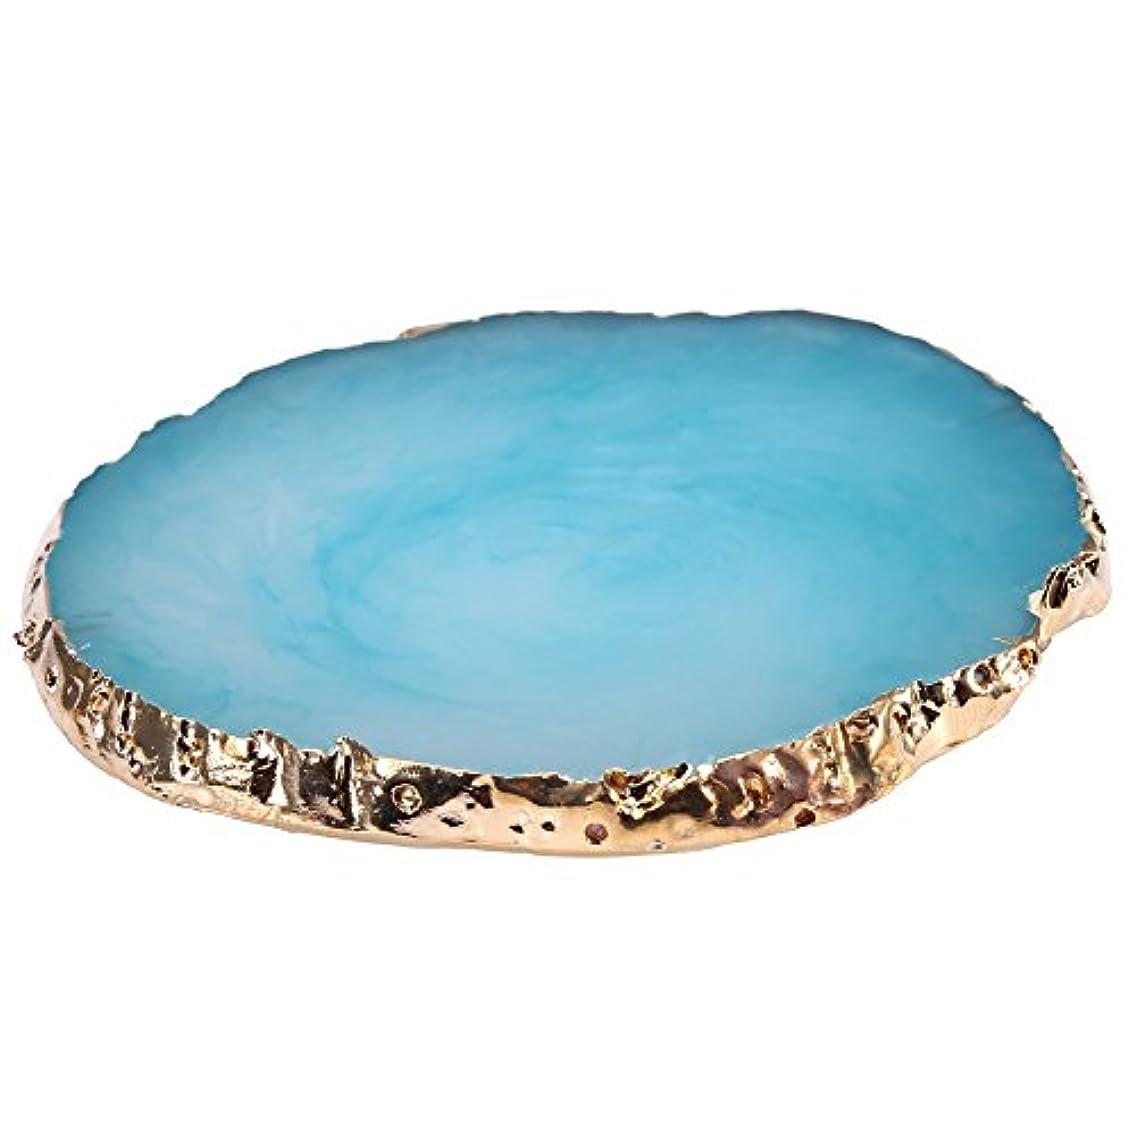 固執主要な麺ネイルアート ネイル パレット 天然樹脂ストーンネイル アートプレート ジェルポー ランドホルダードローイングカラー ネイルアートディ(青)